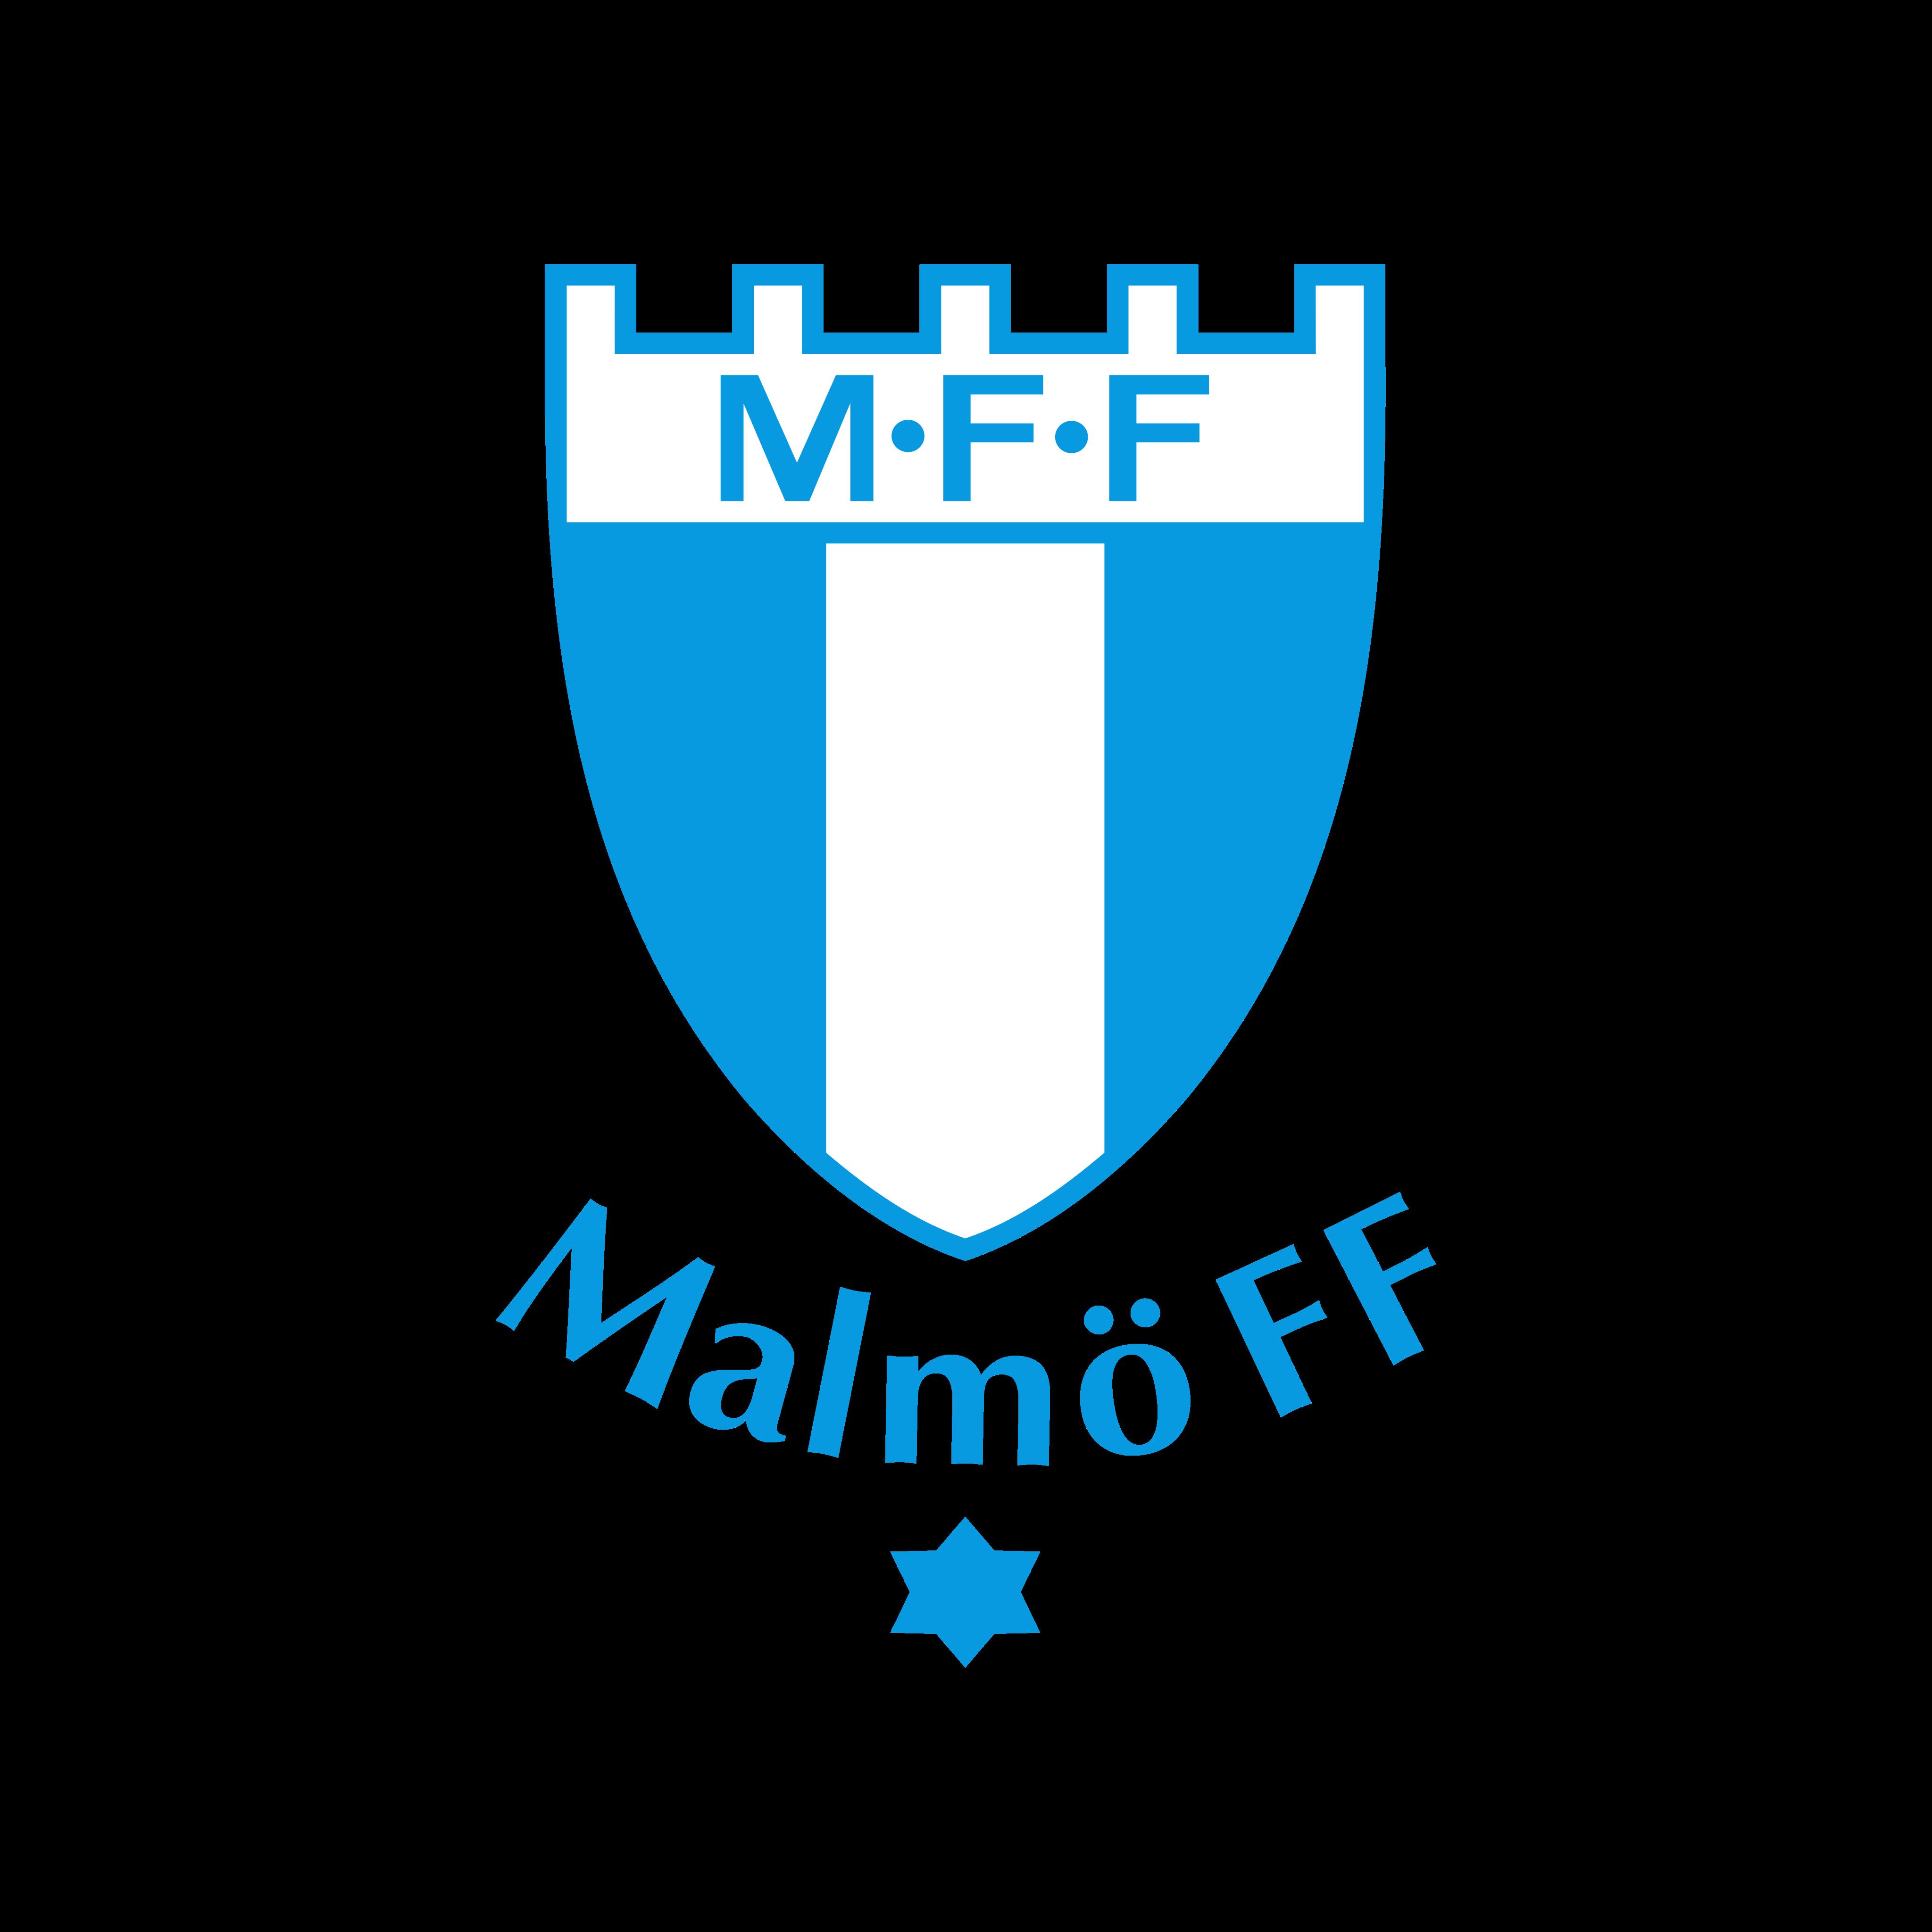 malmo ff logo 0 - Malmo FF Logo